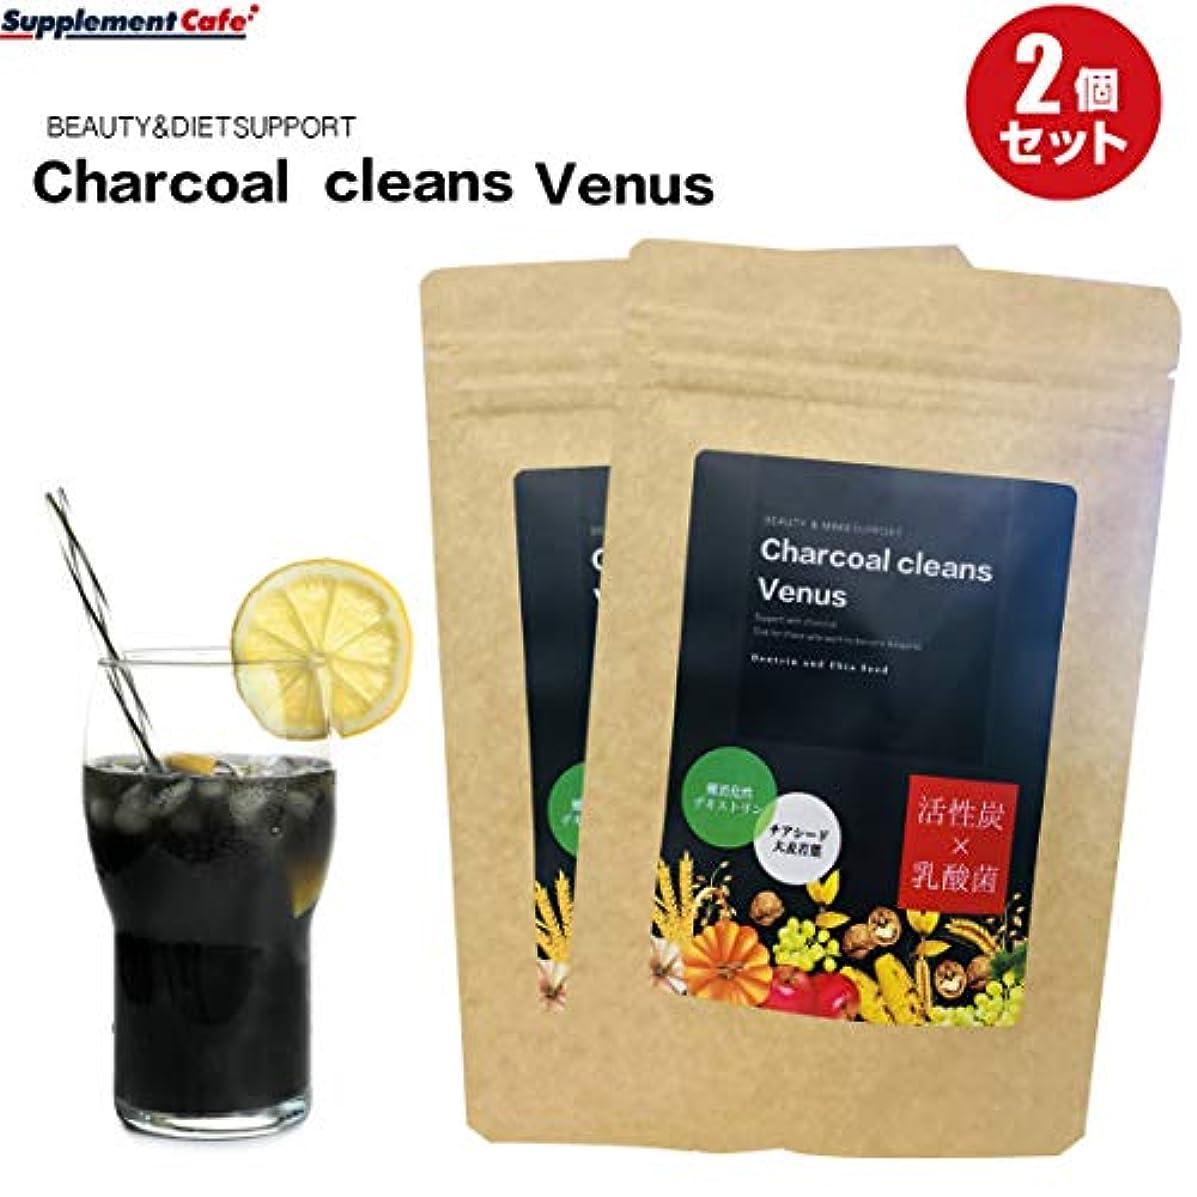 ボルト見捨てられたグロー2袋セット 炭 デトックス & ダイエット 活性炭 + 乳酸菌 チャコールクレンズ ビーナス 約1ヶ月分 150g フルーツMIX味